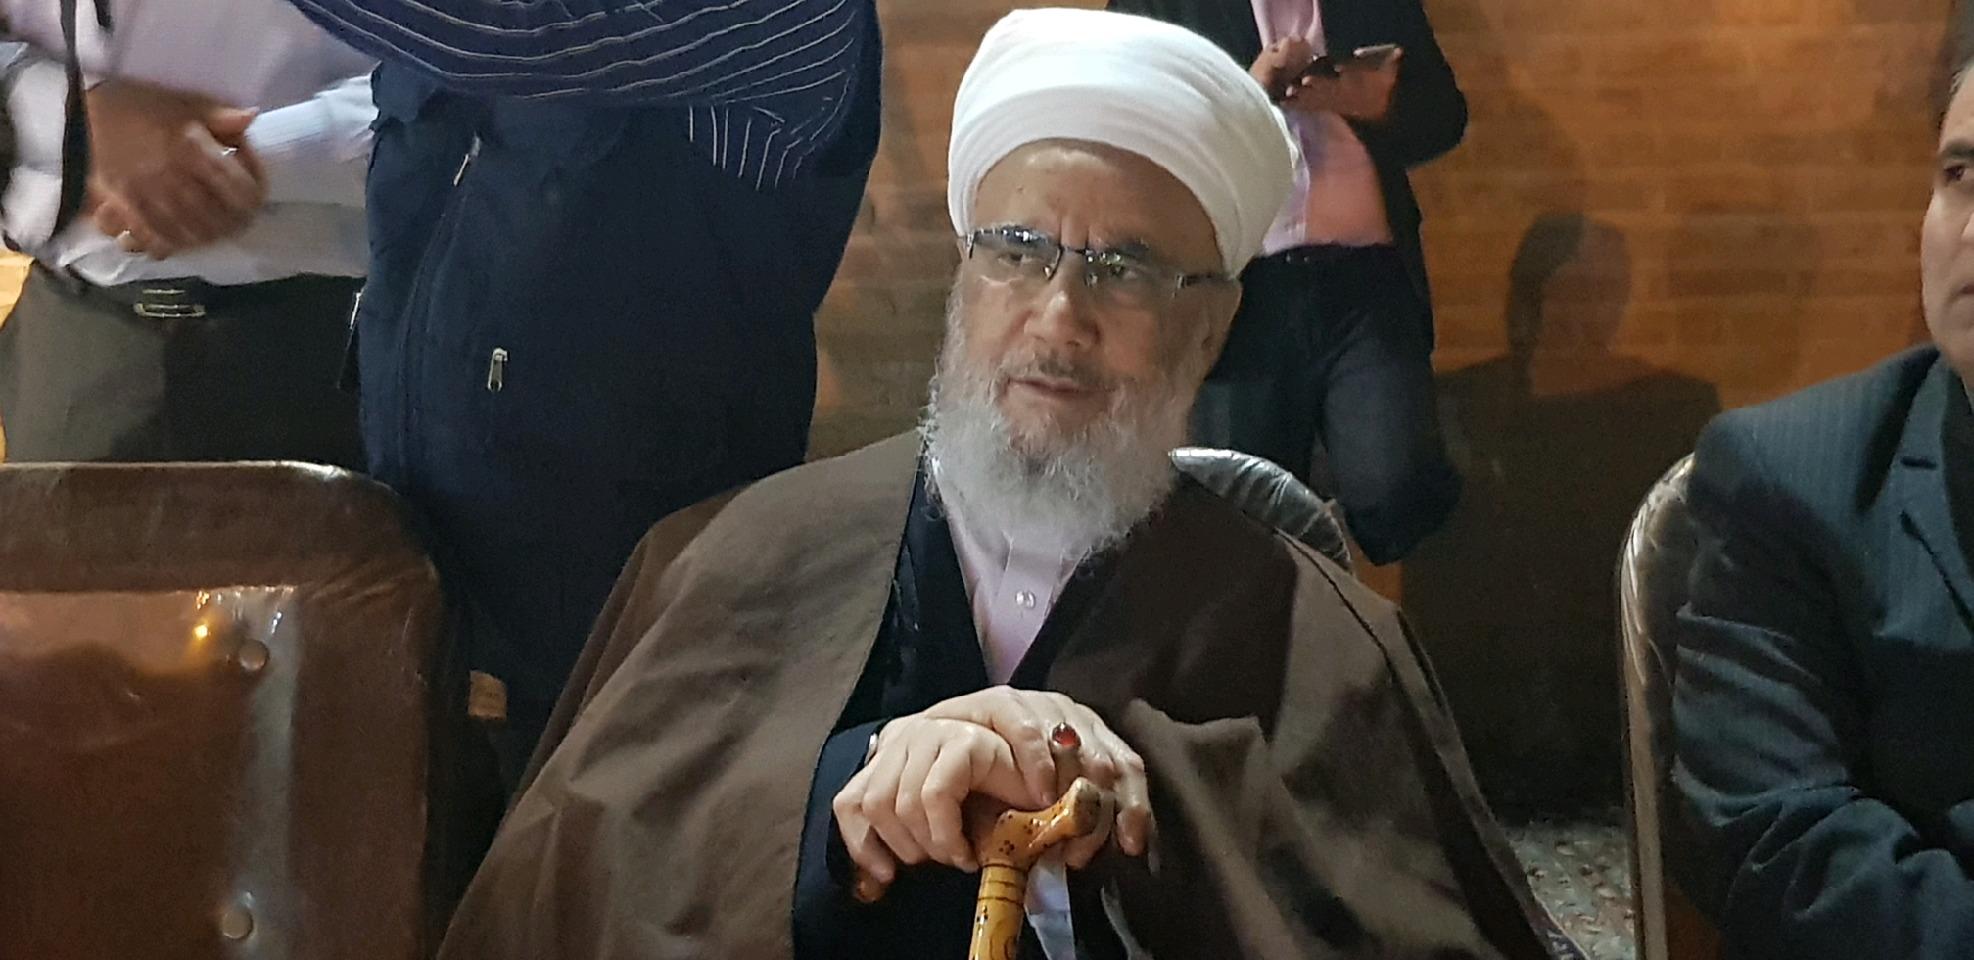 عید فطرفقط بر اساس اعلام دفتر مقام معظم رهبری